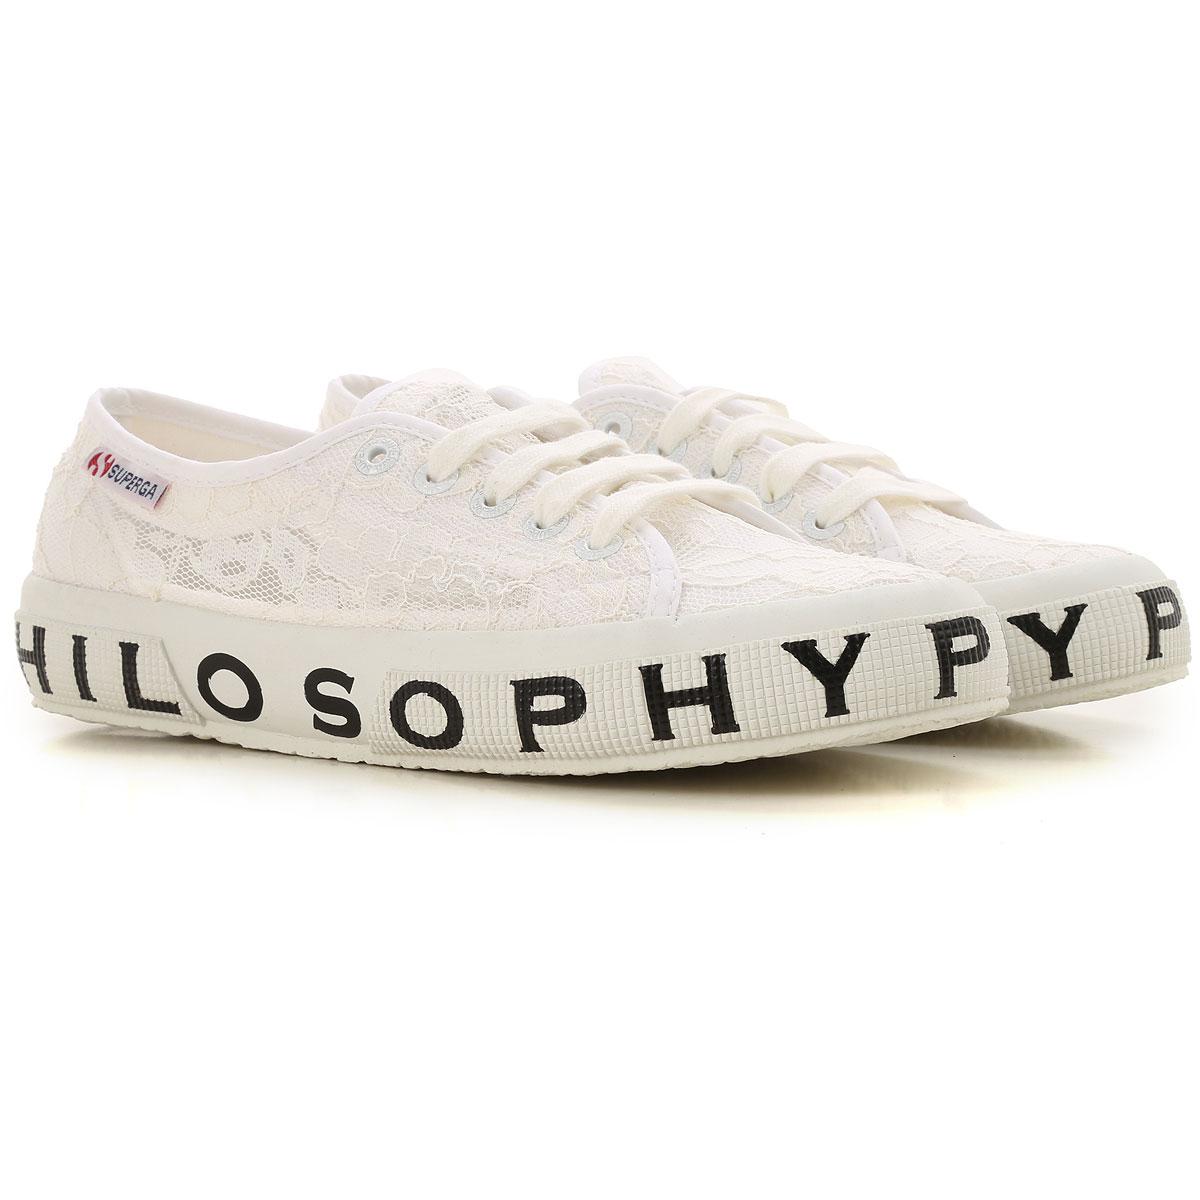 Image of Superga Sneakers for Women, Superga X Philosophy, White, Lace, 2017, ITA 38 - USA 7.5 - UK 5 ITA 39 - USA 8.5 - UK 6 ITA 35 - USA 4.5 - UK 2 ITA 36 - USA 5.5 - UK 3 ITA 37 - USA 6.5 - UK 4